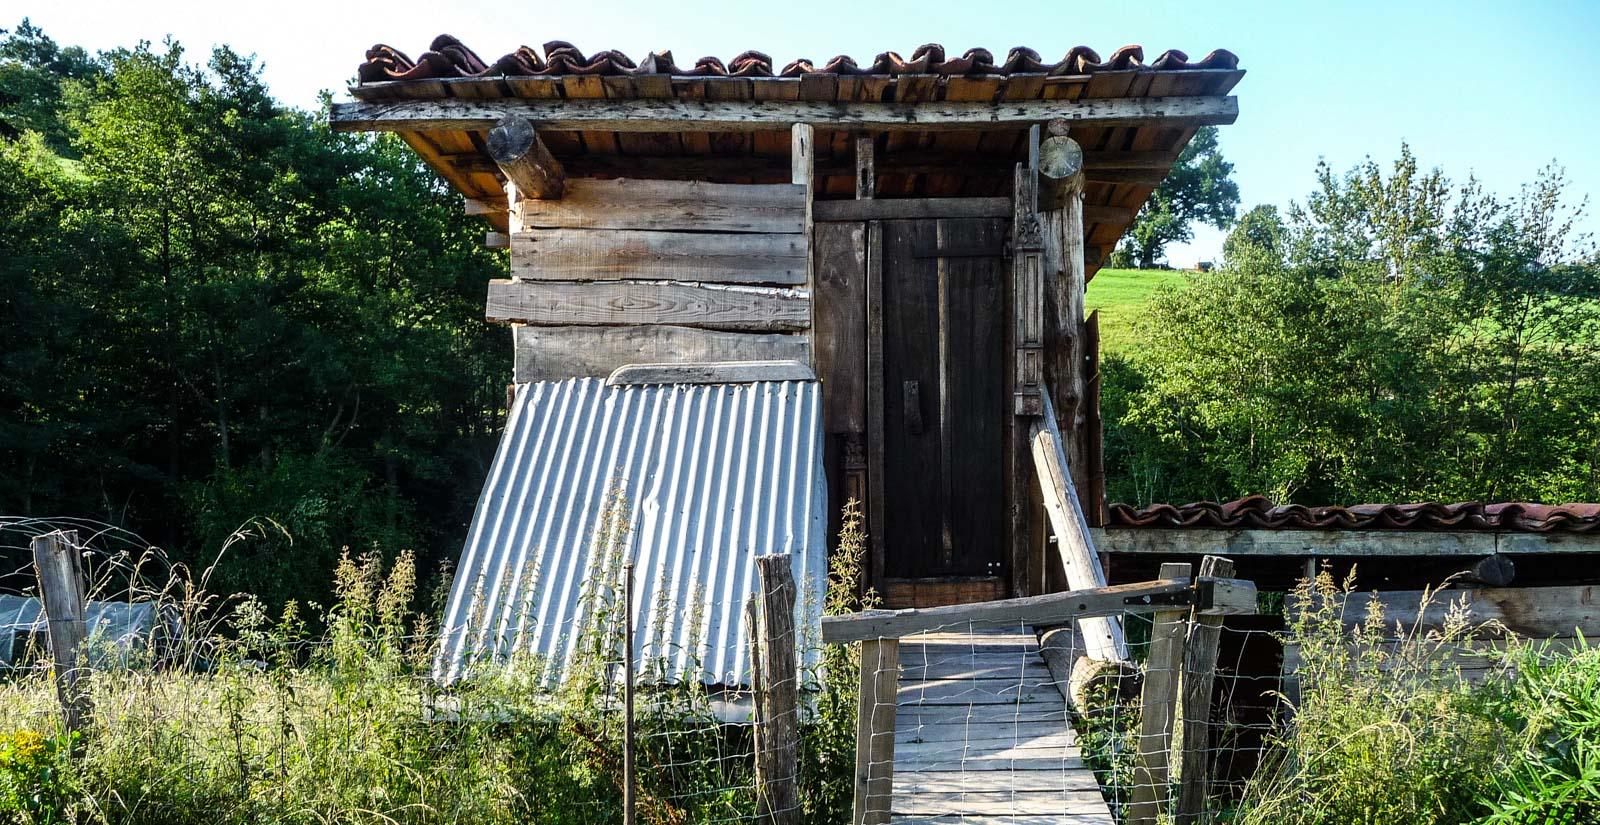 Cabane fabriquée à partir de matériaux de récupération. Upcycling handmande house shed.